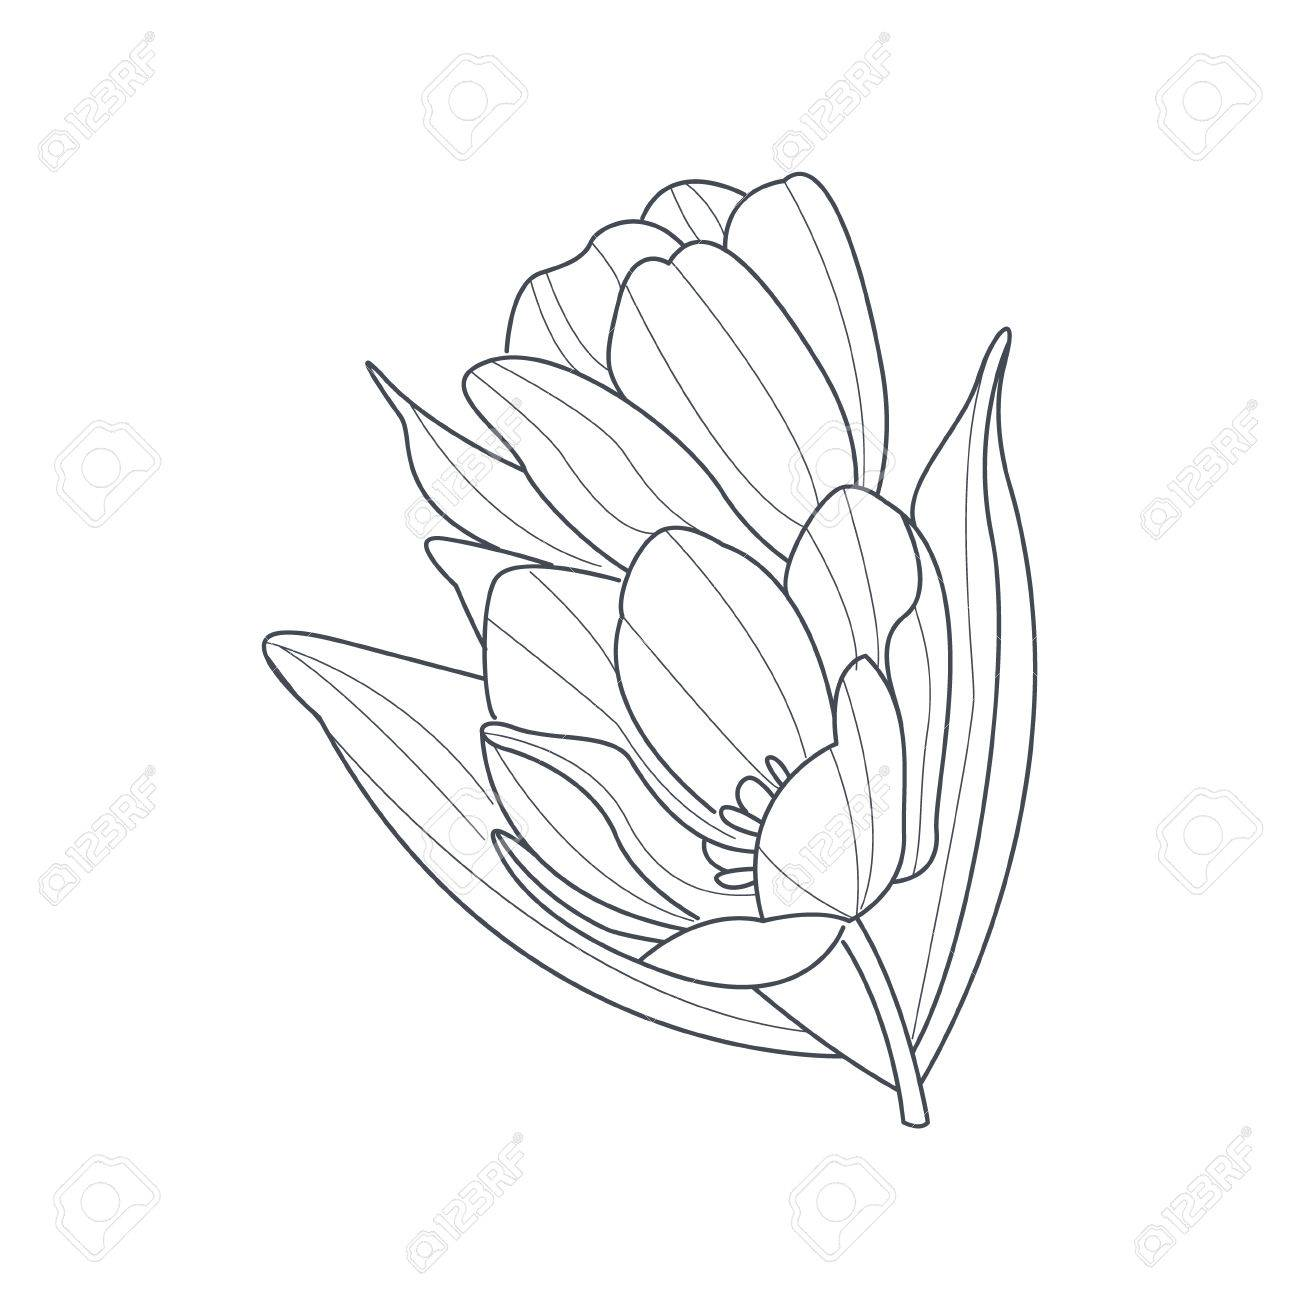 Tulpe-Blumen-Monochrom-Zeichnung Für Malbuch Hand Gezeichnet Vektor ...